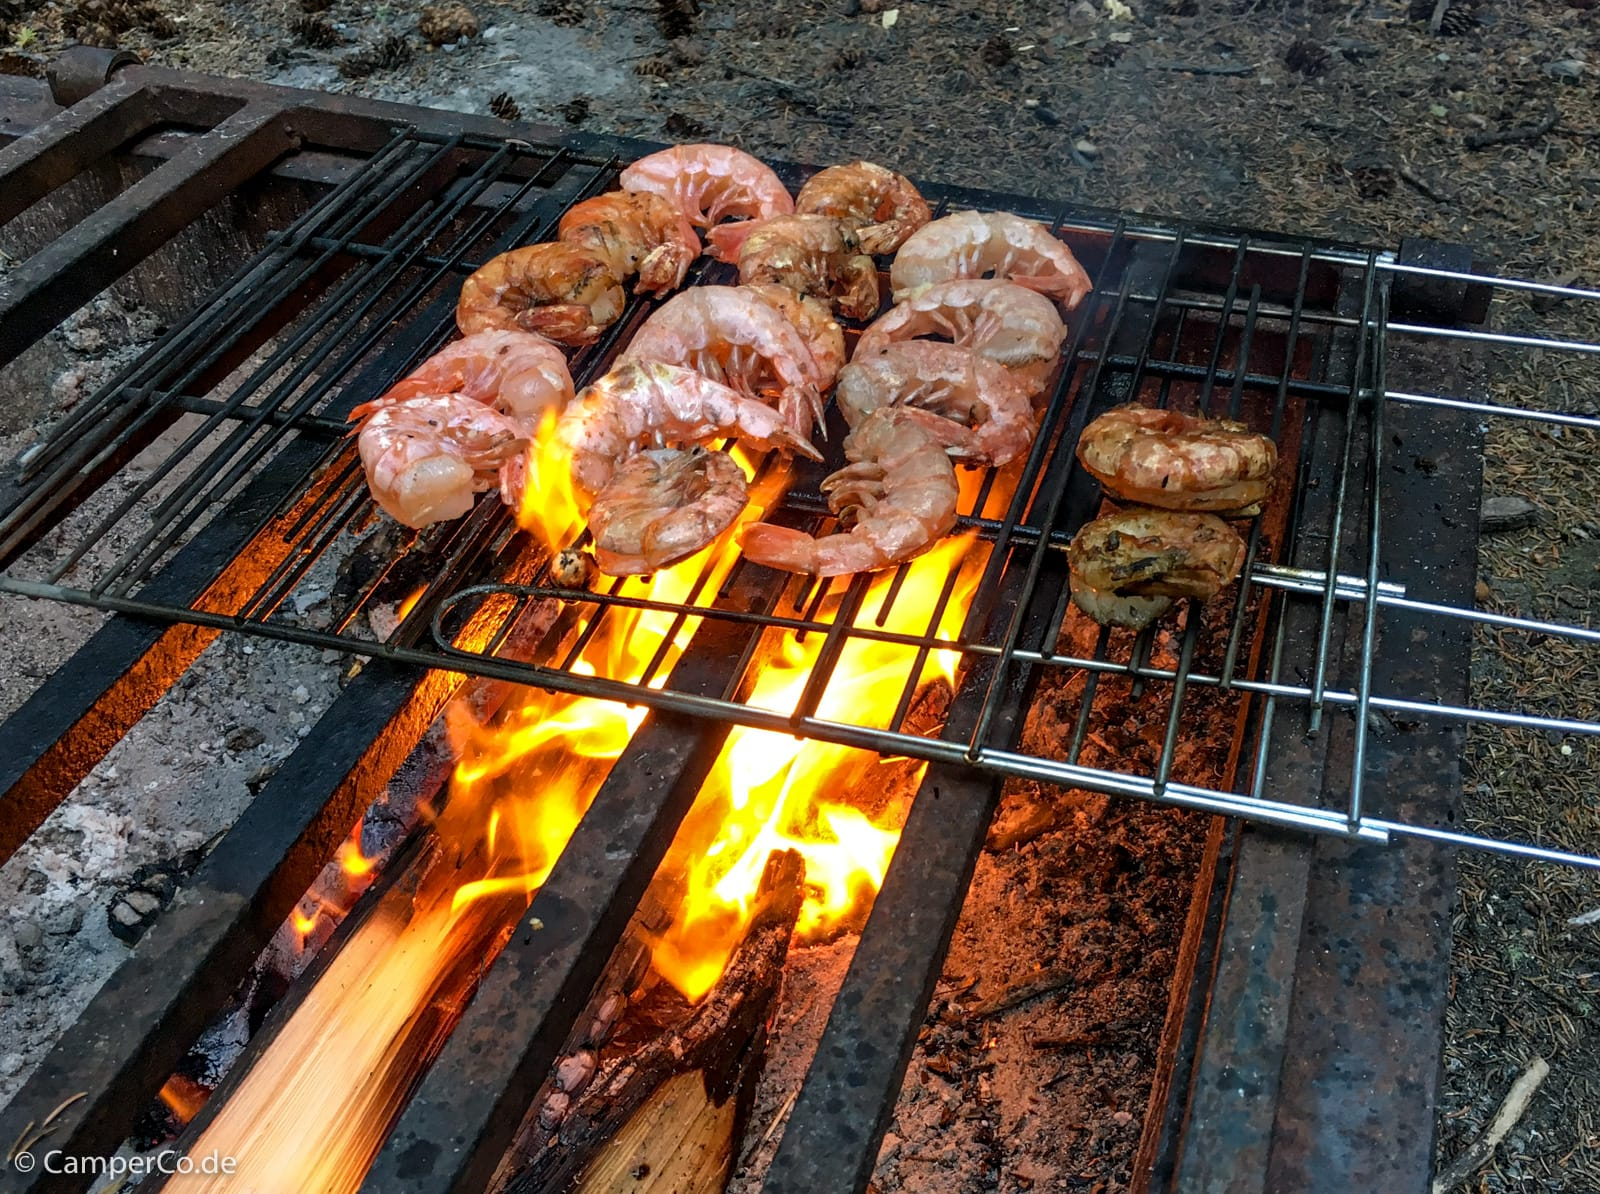 Feuer Und Grillen Beim Camping In Kanada Und Usa Camperco